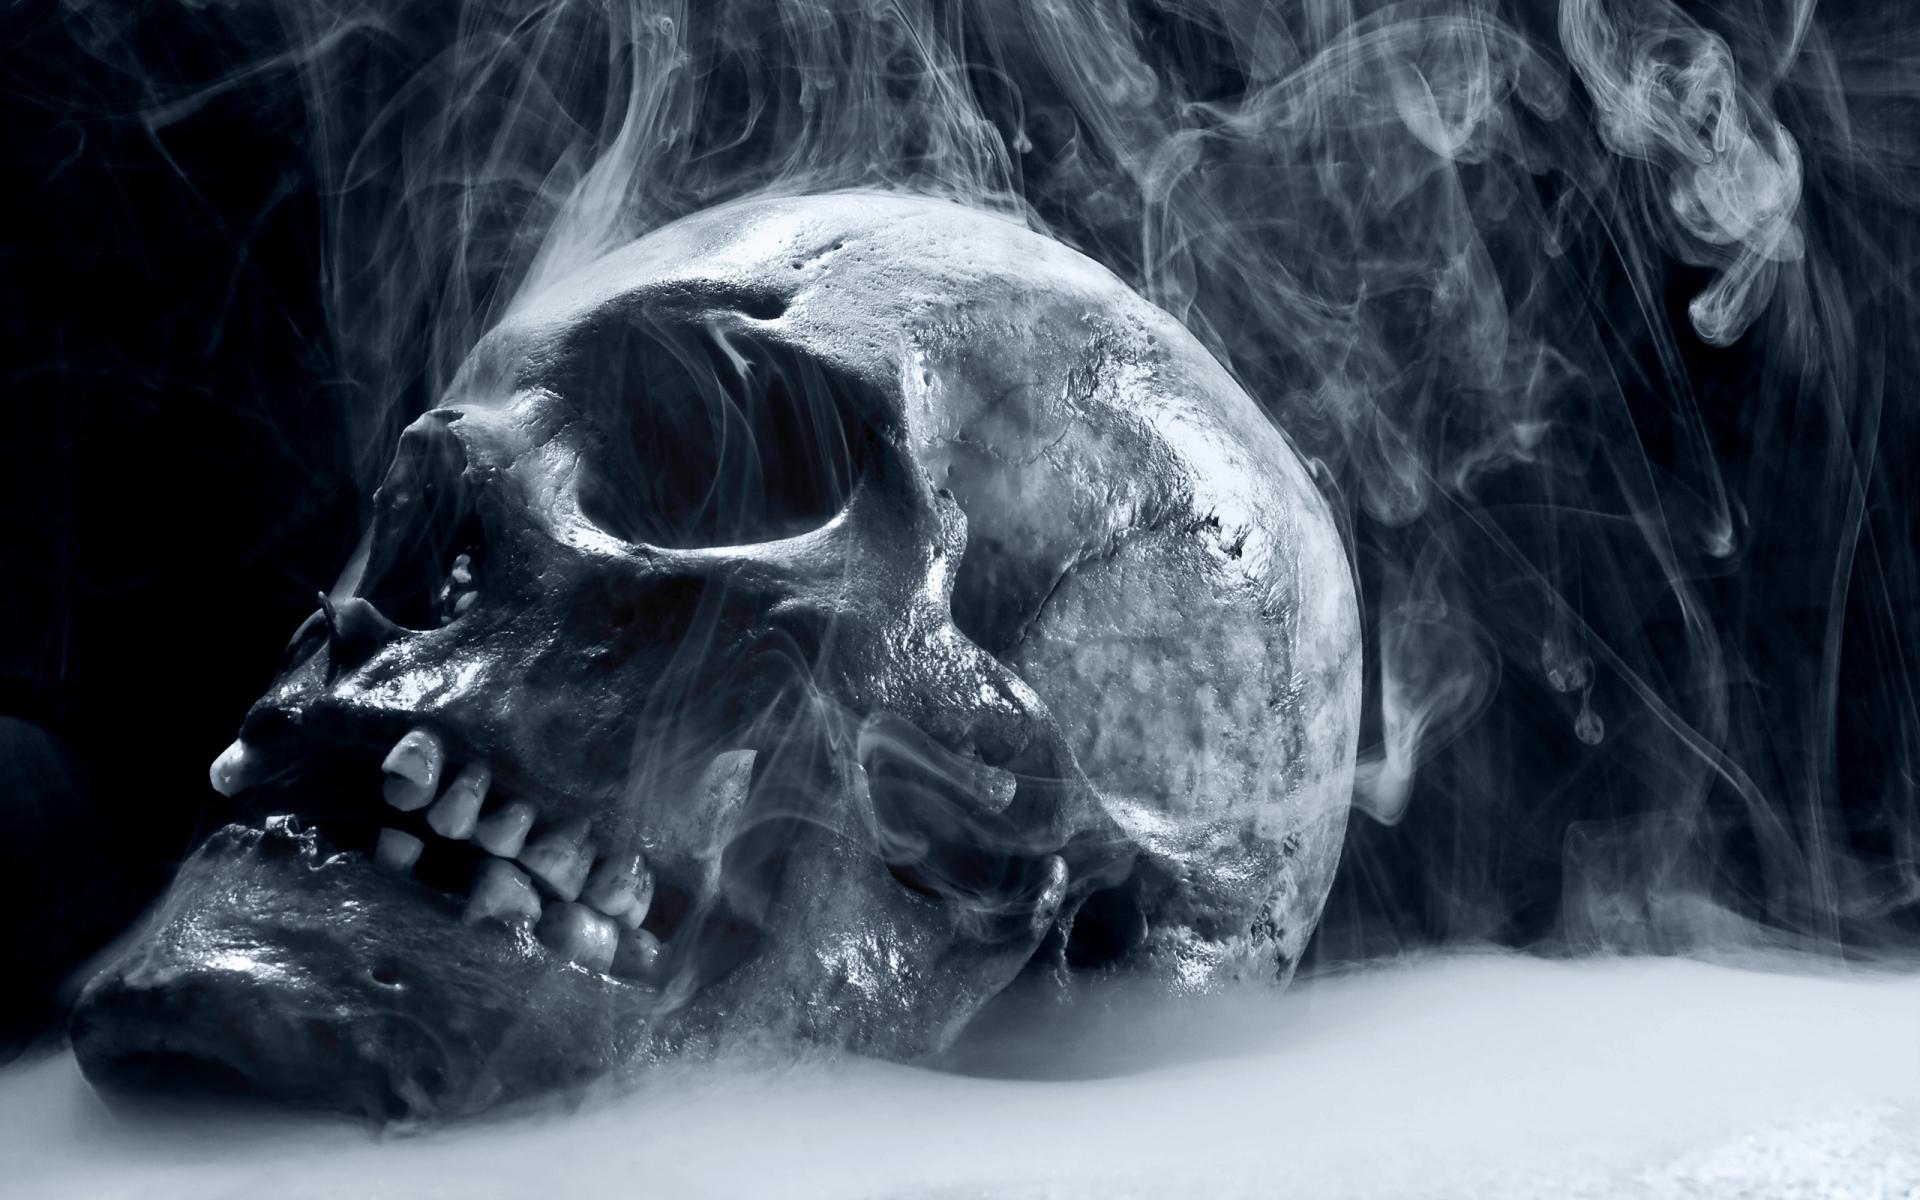 Scary Frozen Skull Wallpapers HD 1920x1200